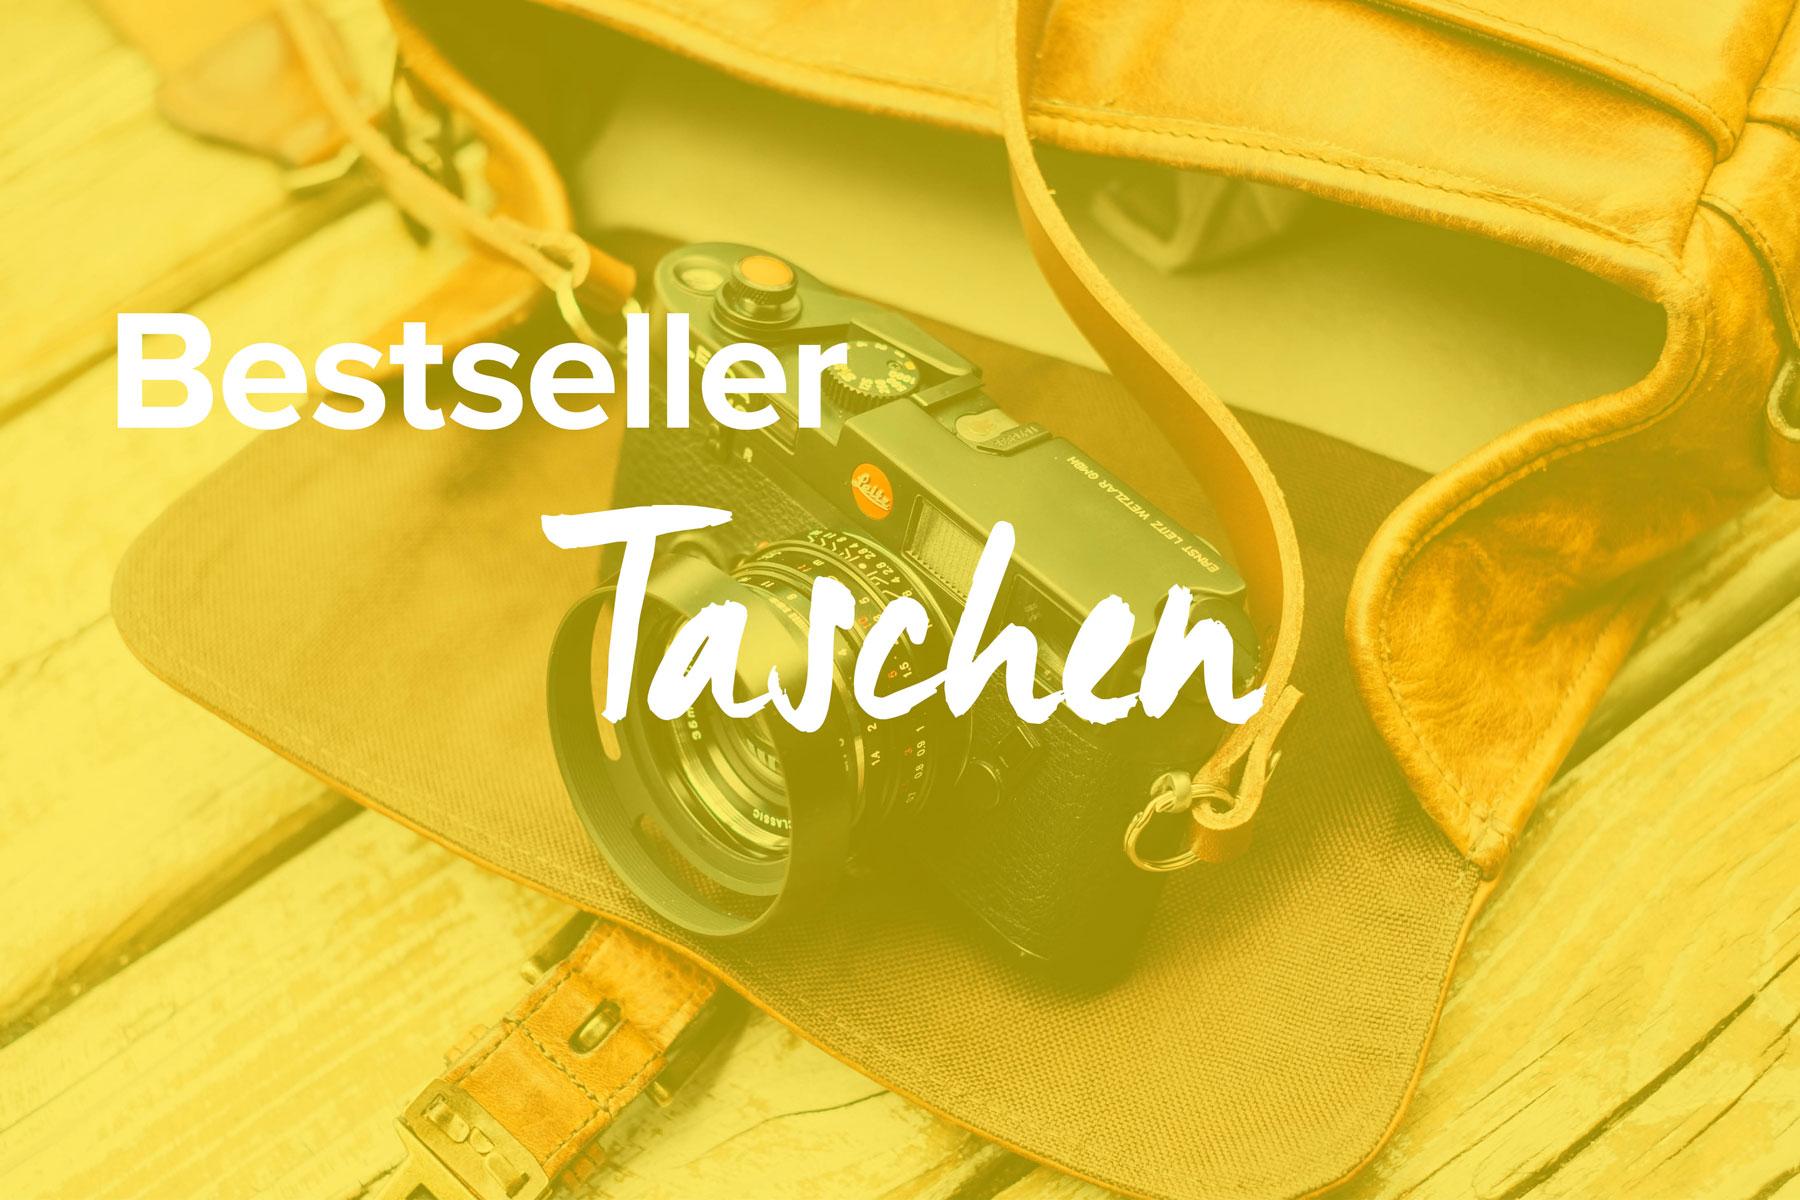 Bestseller Taschen